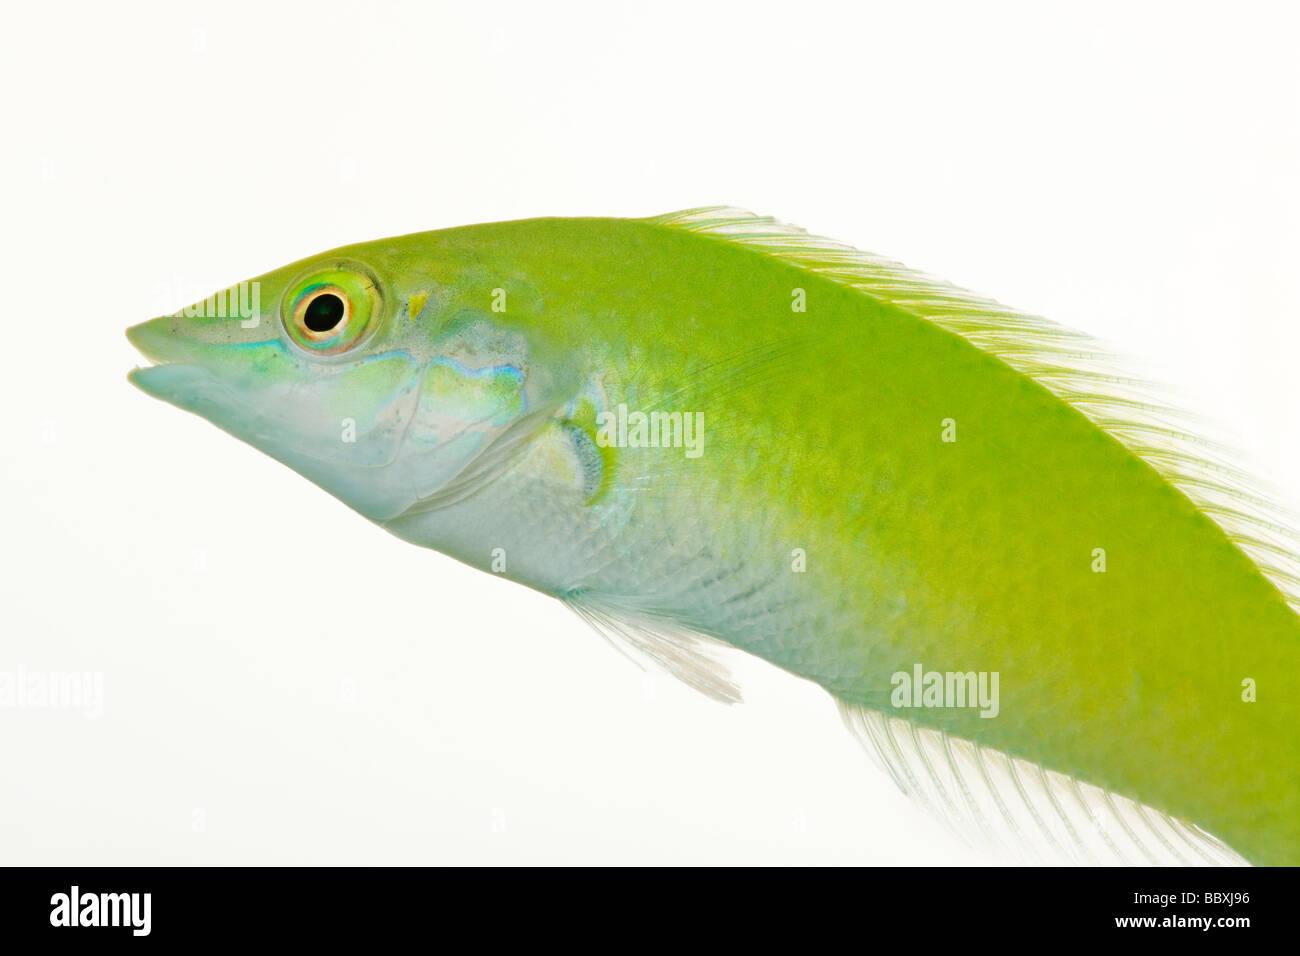 Grüner Lippfisch Halichoeres Chloropterus Tropical marine Riff-Fische Stockbild